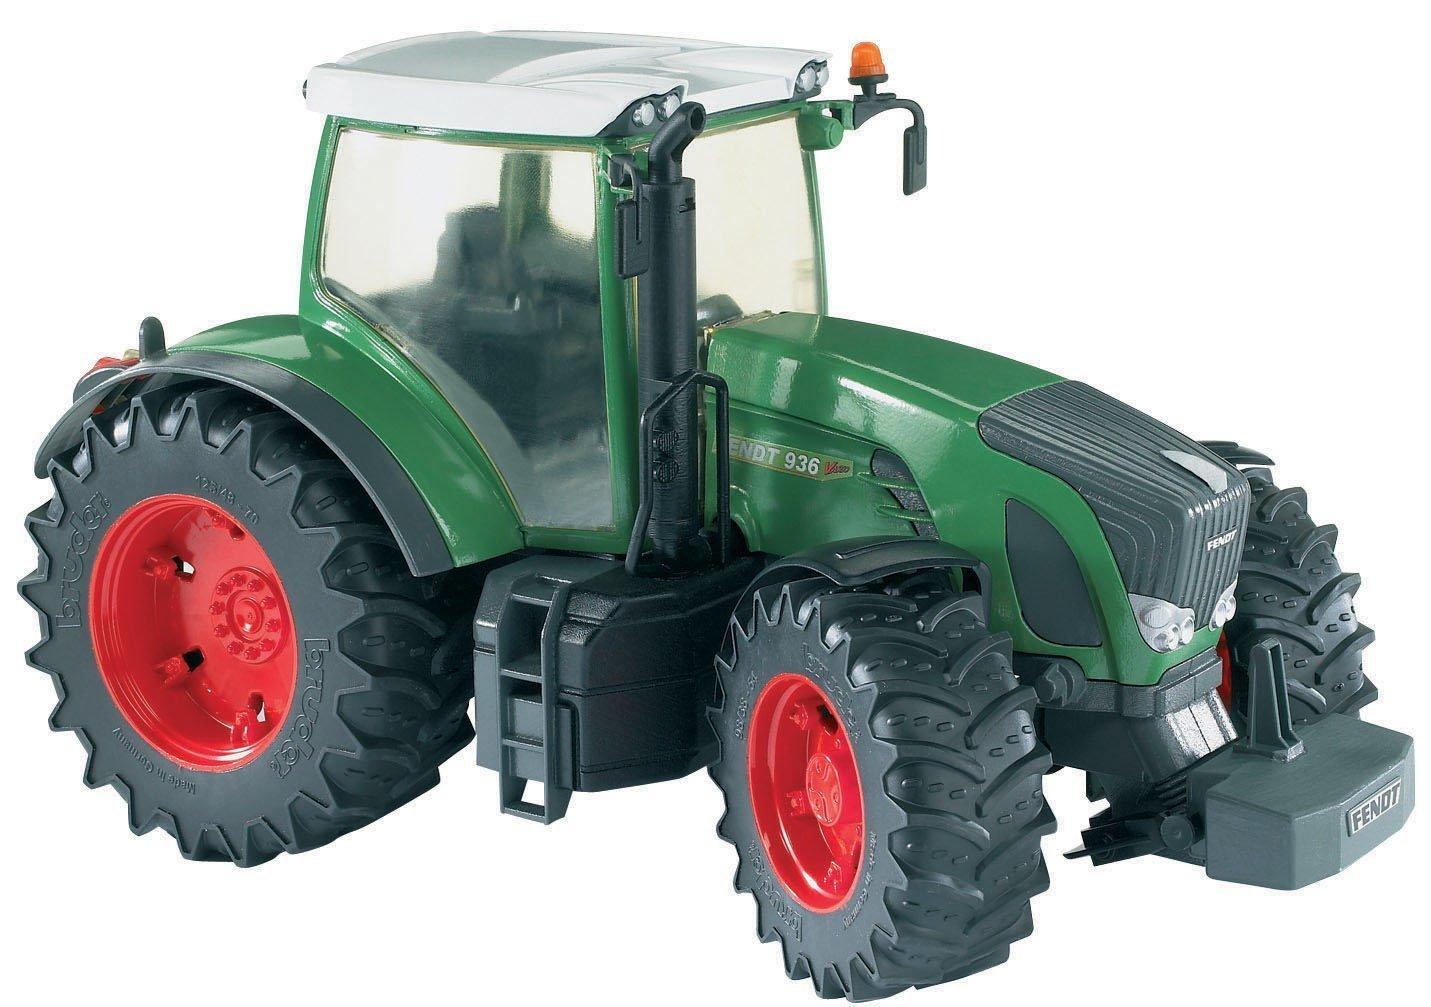 Игрушечный трактор Bruder Fendt 936 VarioИгрушечные тракторы<br>Игрушечный трактор Bruder Fendt 936 Vario<br>